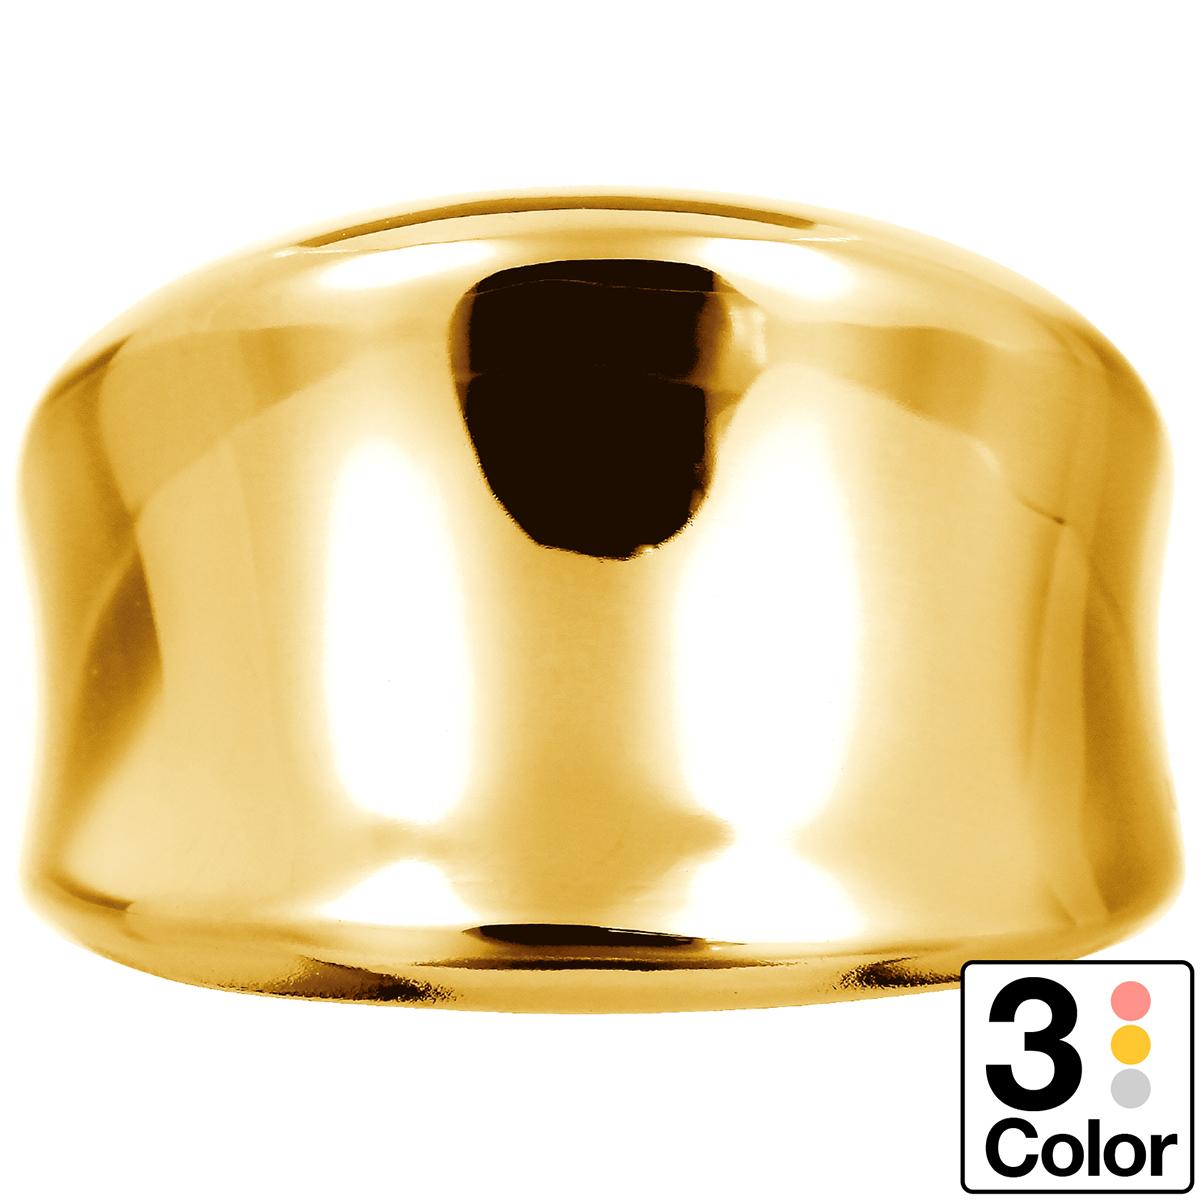 地金 リング k18 イエローゴールド/ホワイトゴールド/ピンクゴールド ファッションリング 品質保証書 金属アレルギー 日本製 誕生日 ギフト